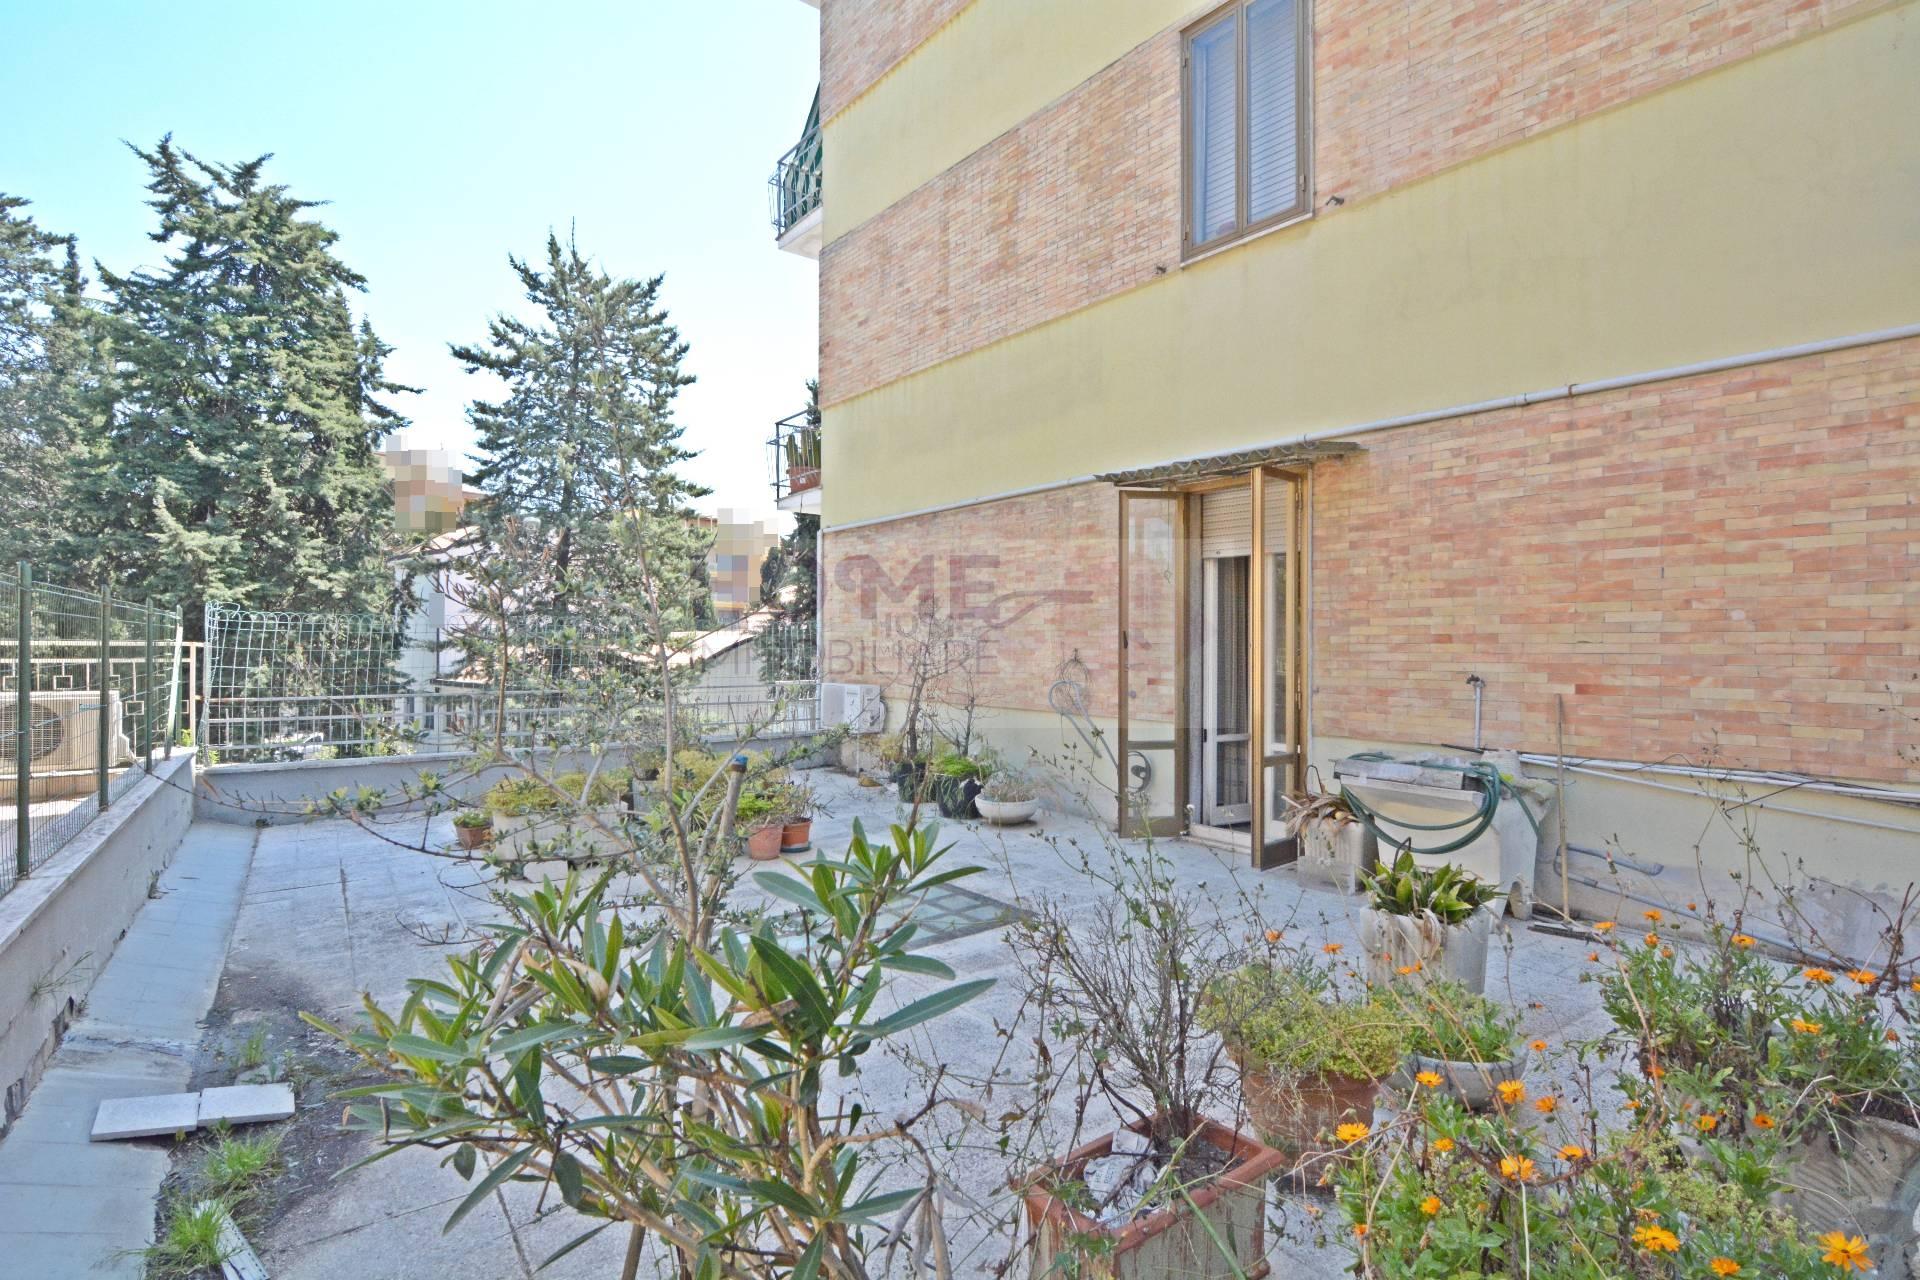 Appartamento in vendita a Macerata, 5 locali, zona Zona: Semicentrale, prezzo € 100.000 | CambioCasa.it